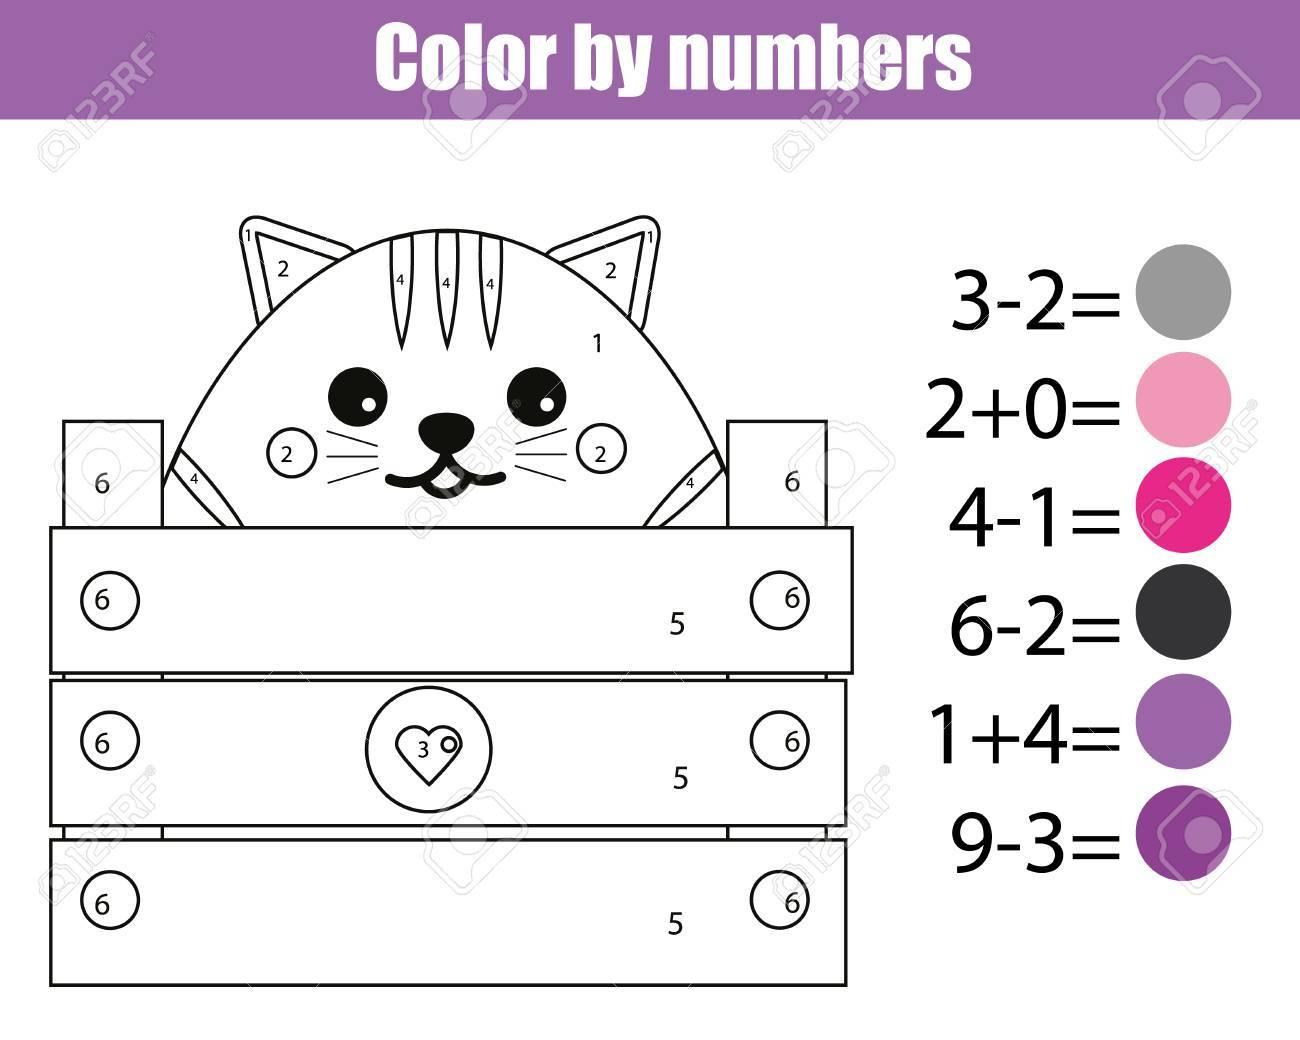 Página Para Colorear Con Lindo Personaje De Gato Color Por Números Juego Educativo Para Niños Actividades De Dibujo Para Niños Hoja Imprimible